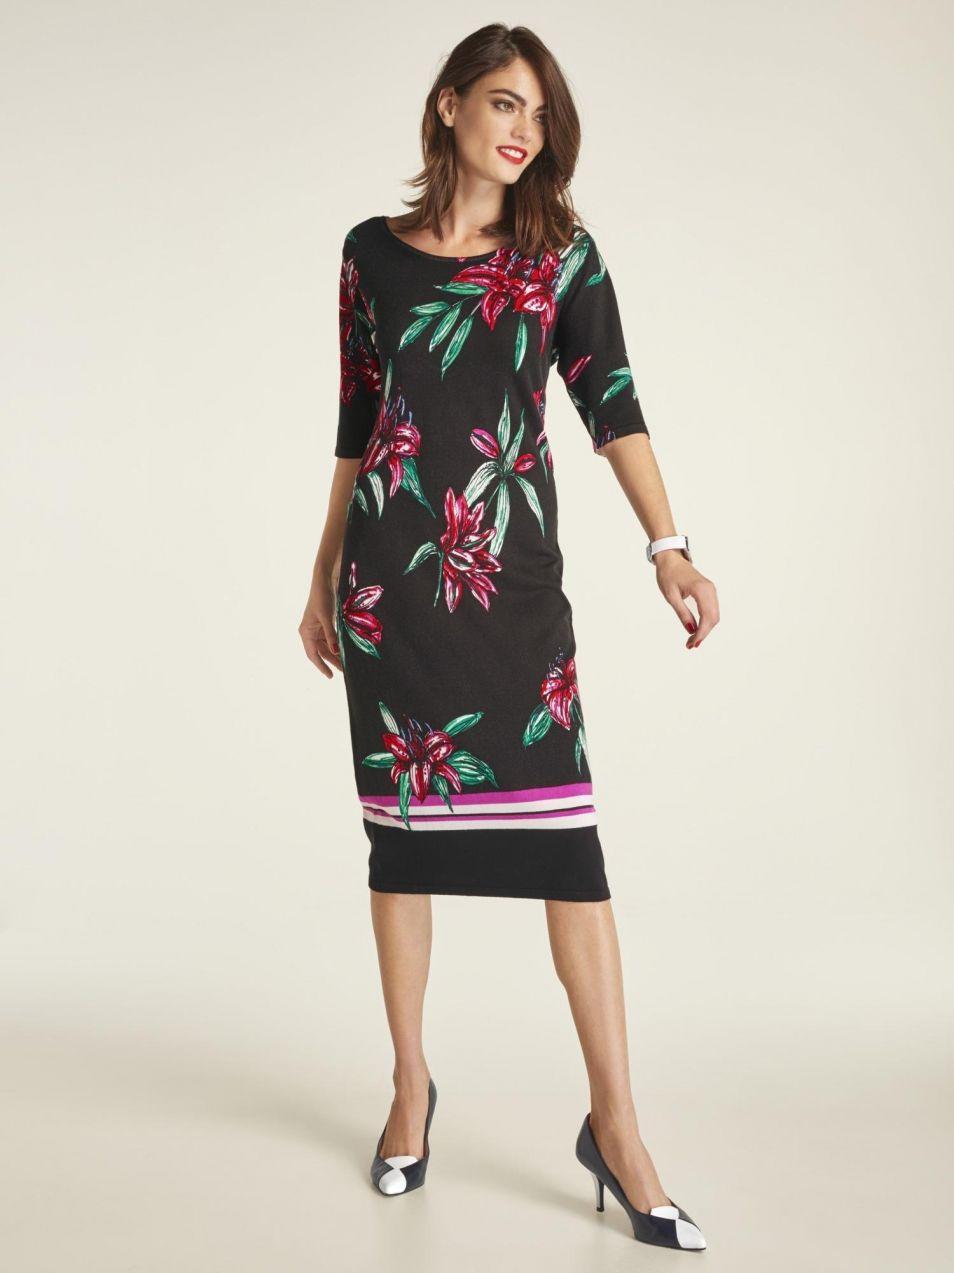 7d63a9481d05 heine TIMELESS Úpletové šaty s kvetinovou potlačou heine značky ...